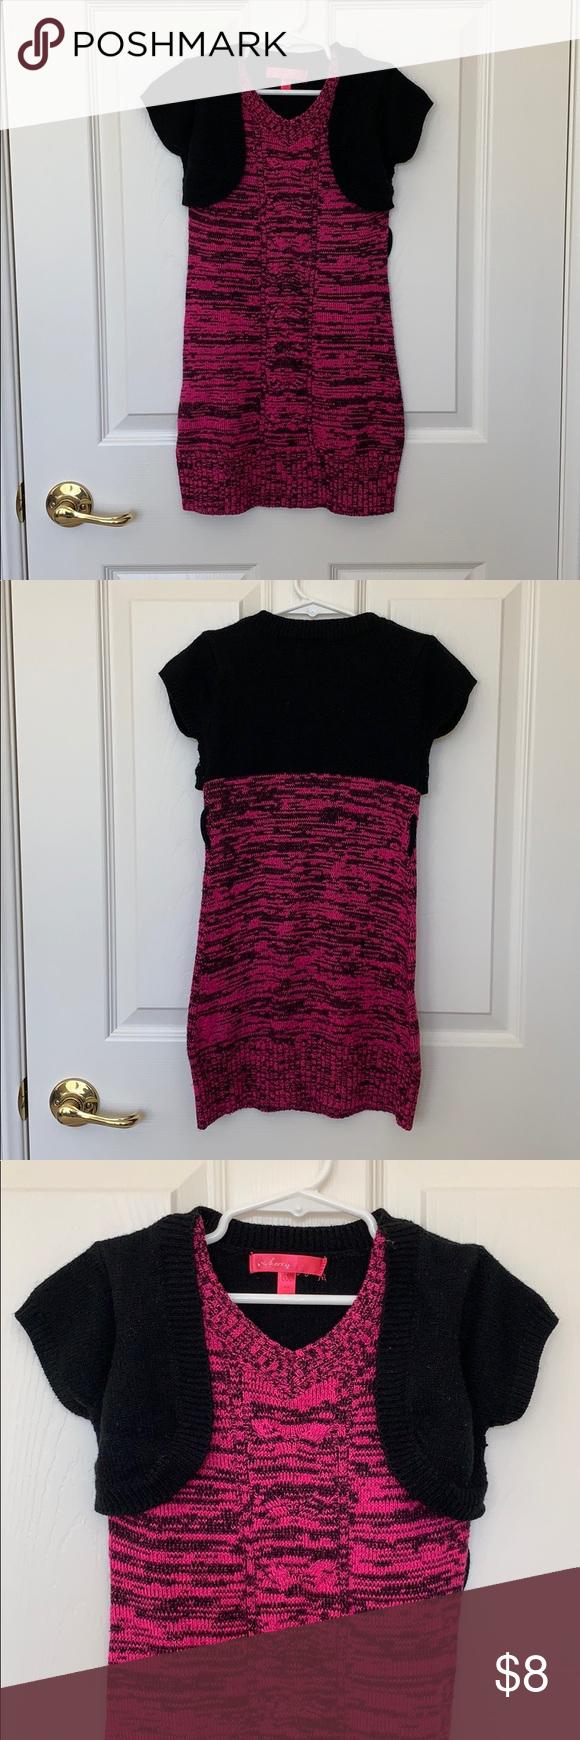 Little Girl Sweater Dress Girls Sweaters Sweater Dress Red Sweater Dress [ 1740 x 580 Pixel ]